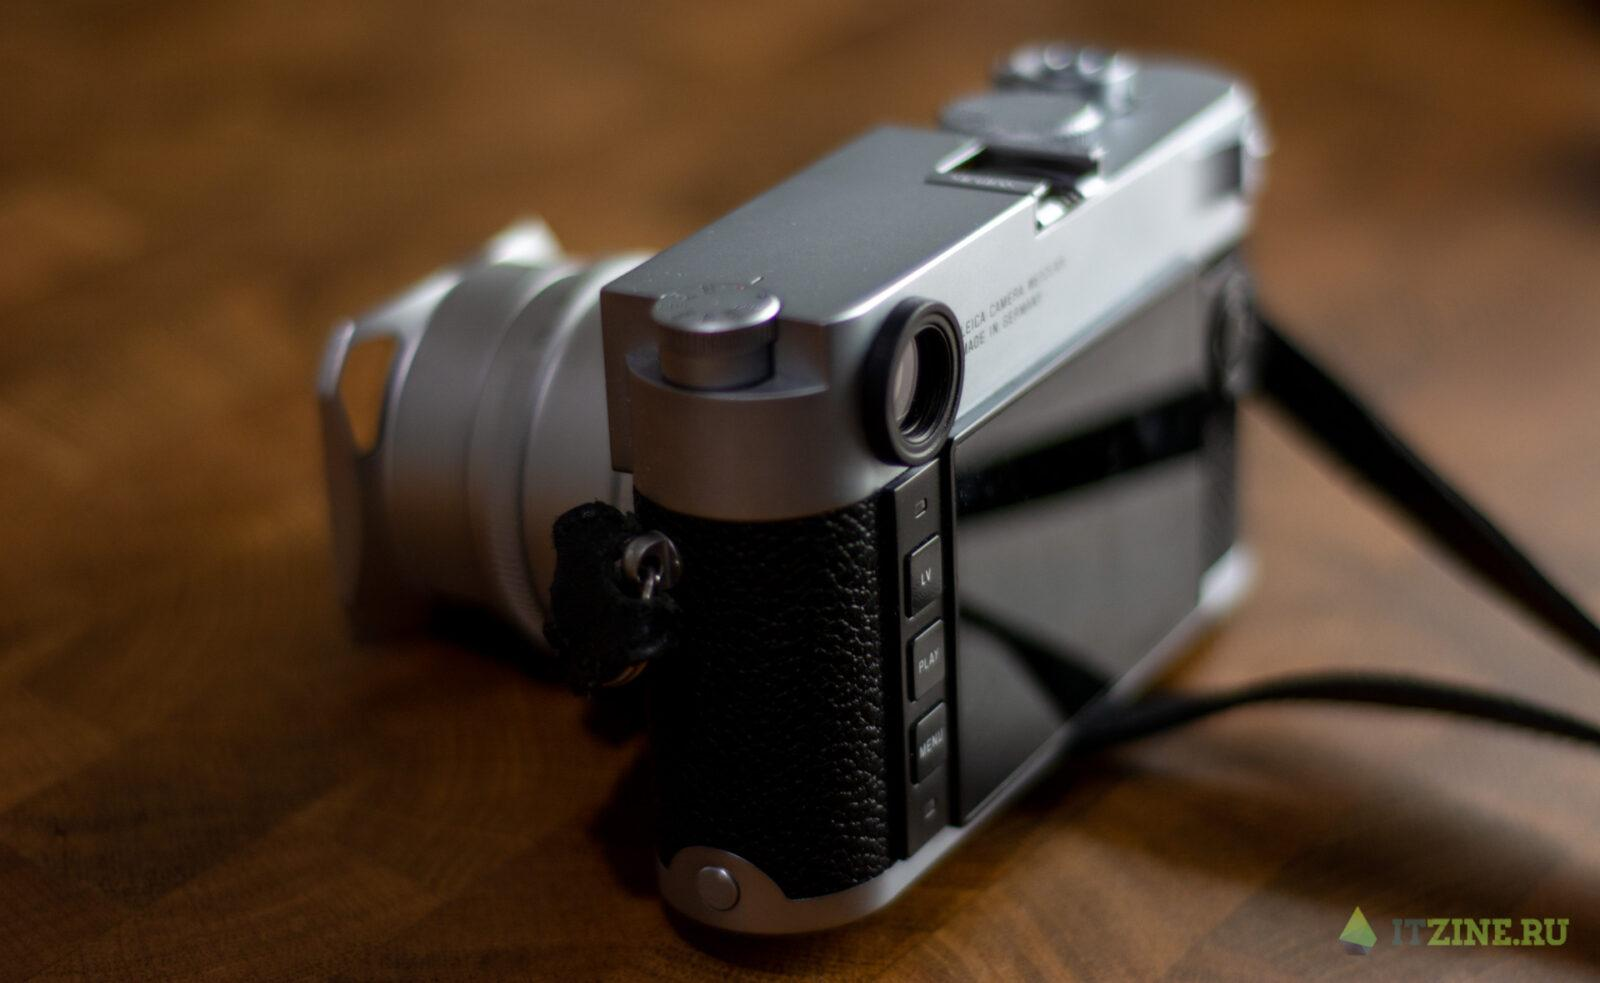 Обзор камеры Leica M10: круче просто некуда (DSC 9431)